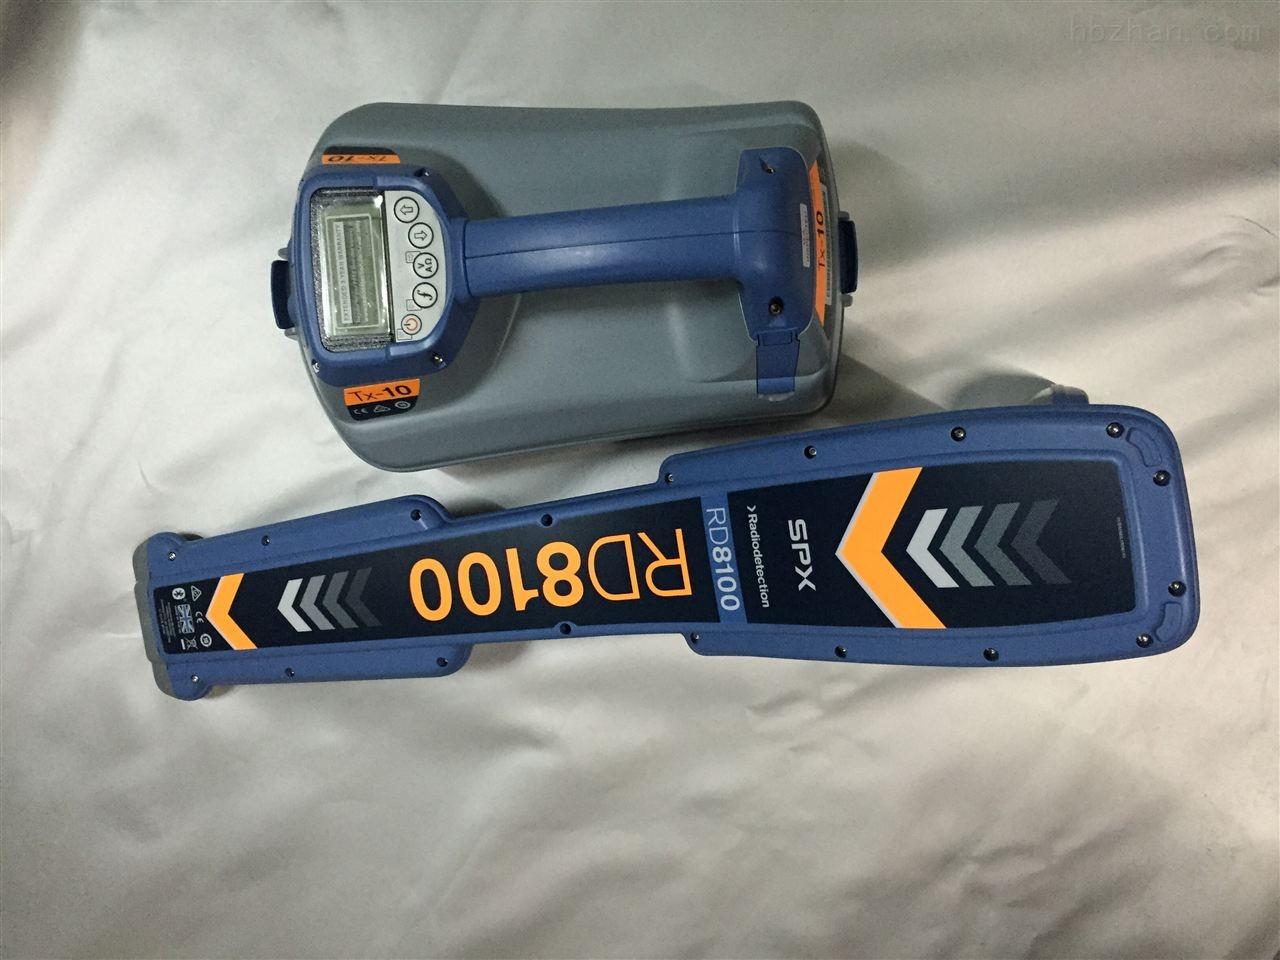 深圳雷迪RD8100地下管线探测仪可现场培训